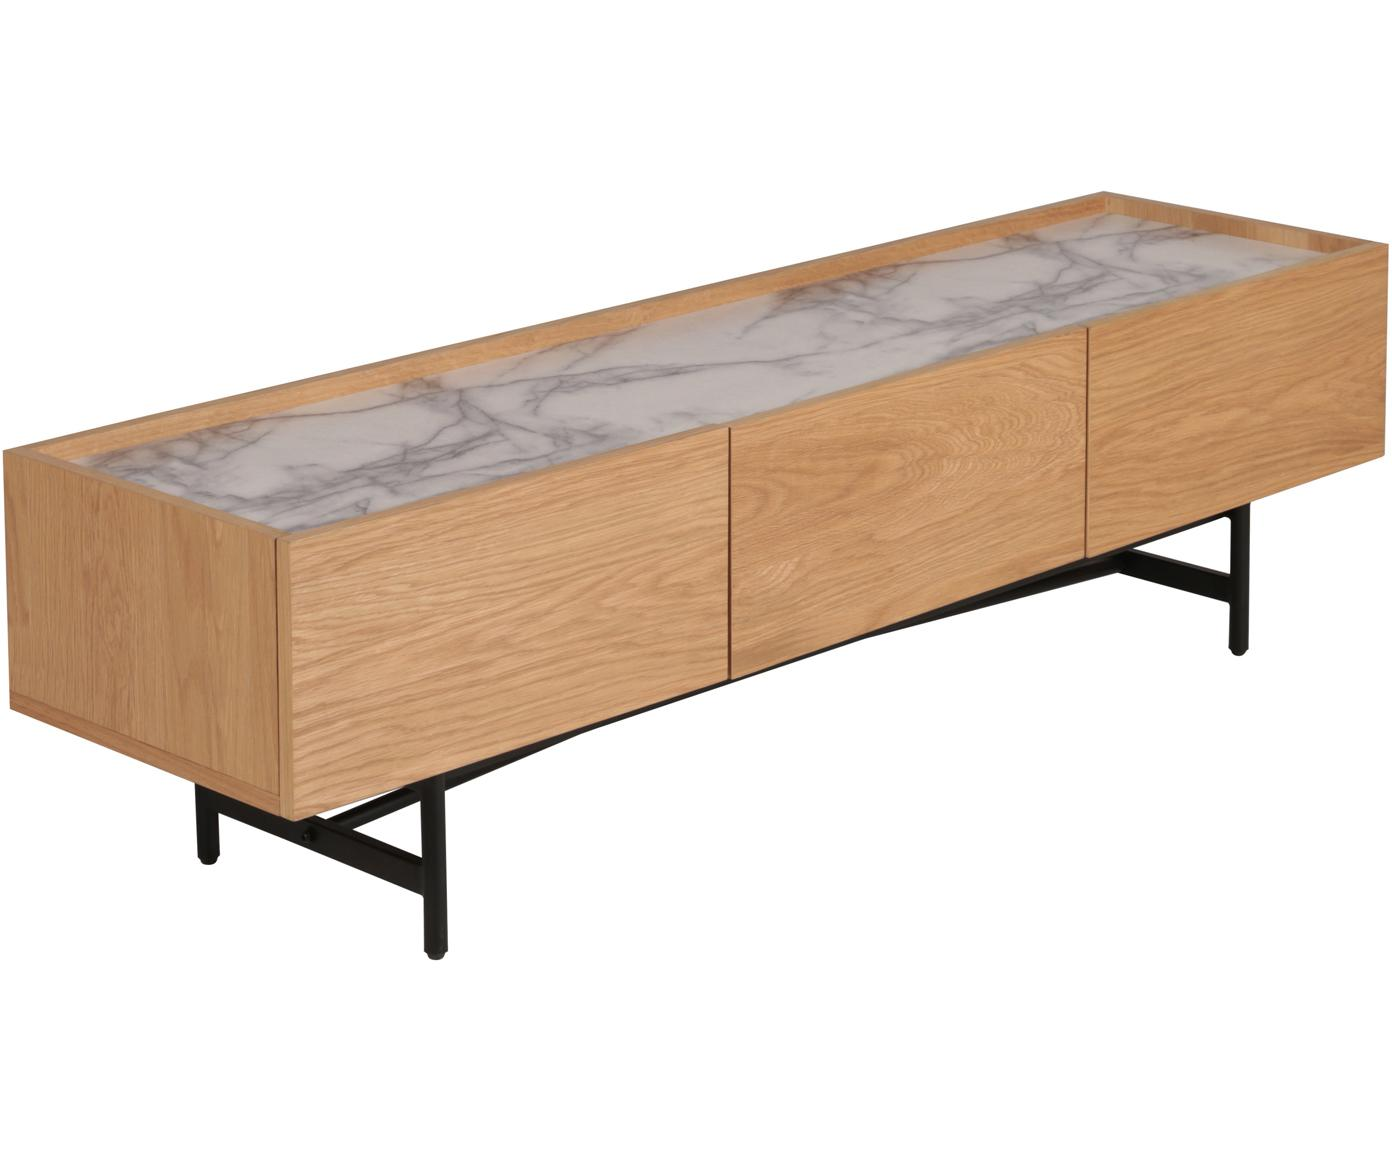 Mobile TV Carare, Piedini: metallo rivestito Piano m, Marrone, nero, bianco, marmorizzato, Larg. 160 x Alt. 45 cm